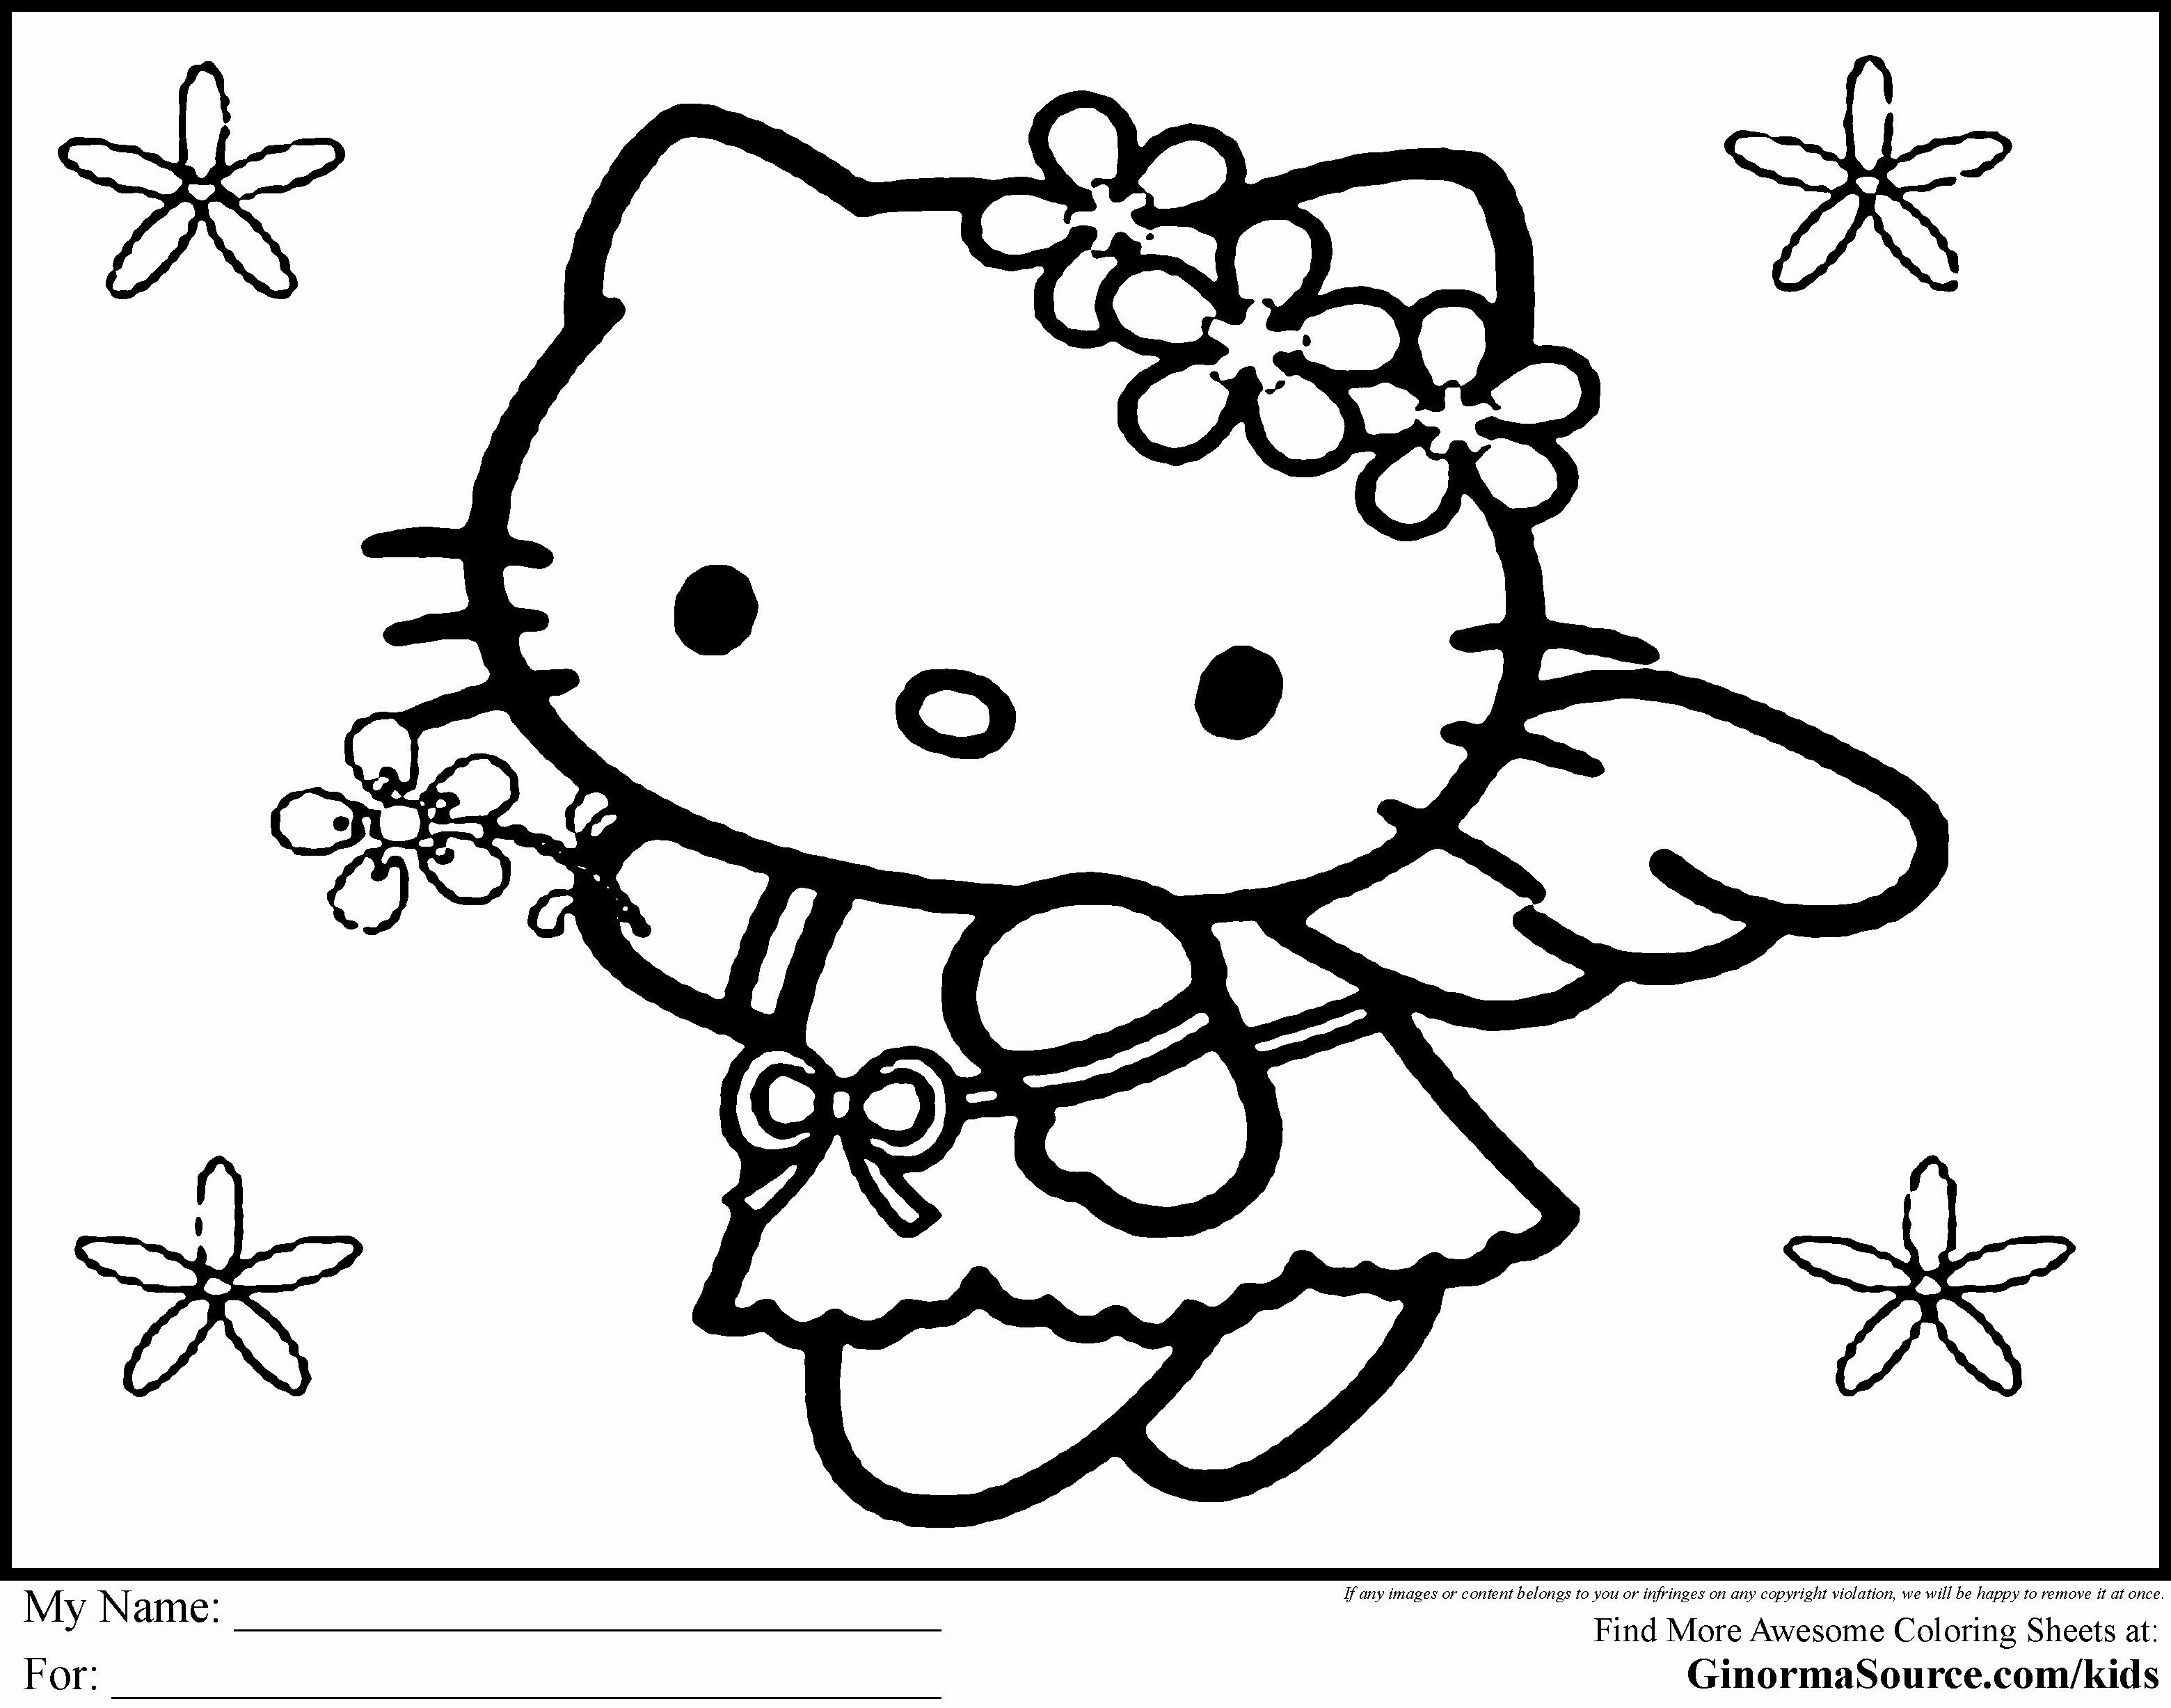 - Holiday Coloring Pages To Print Hello Kitty, Halaman Mewarnai